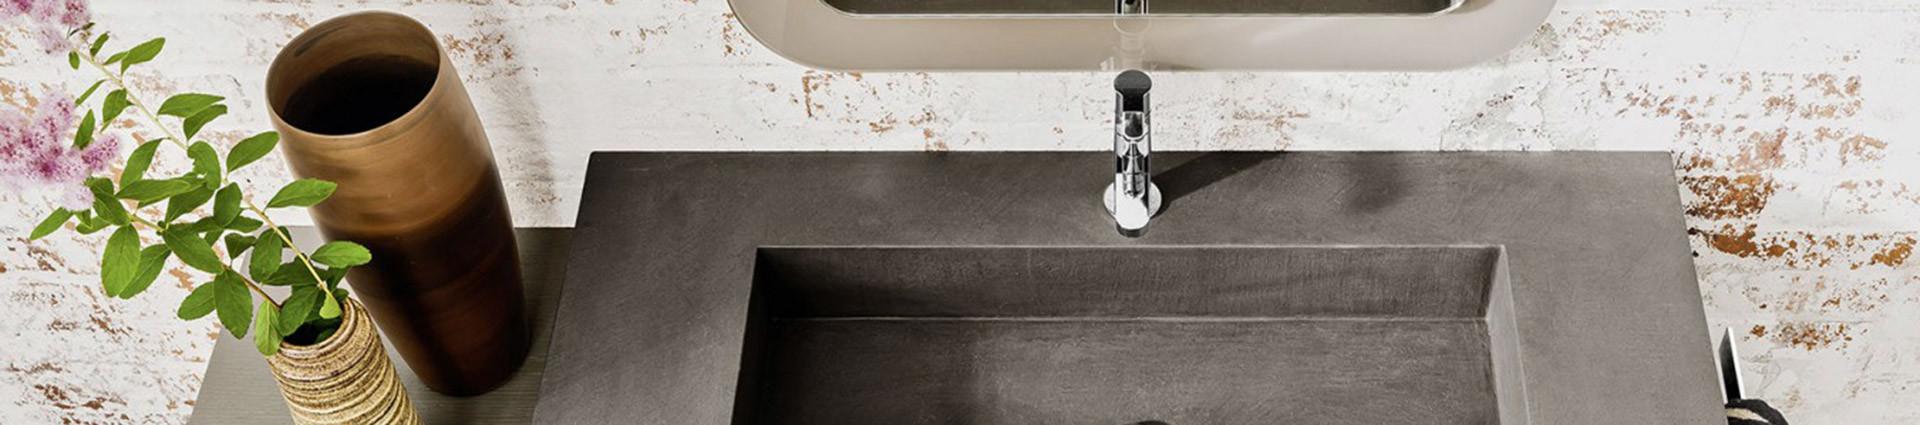 arredo e accessori per bagno verona: sanitari, box doccia e molto ... - L Arredo Bagno Villafranca